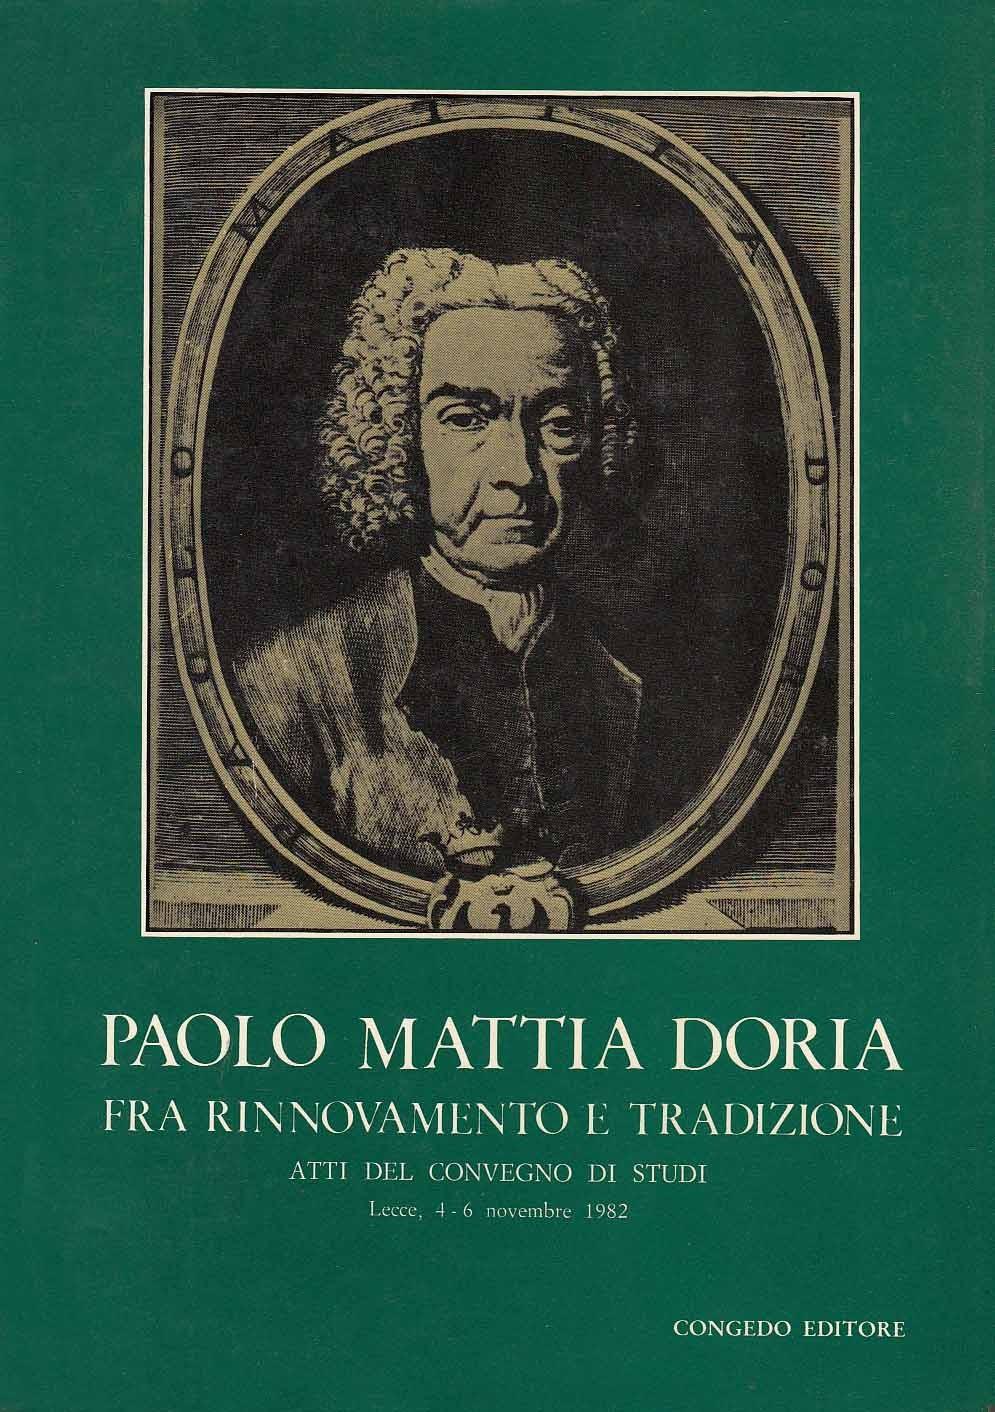 Paolo Mattia Doria fra rinnovamento e tradizione